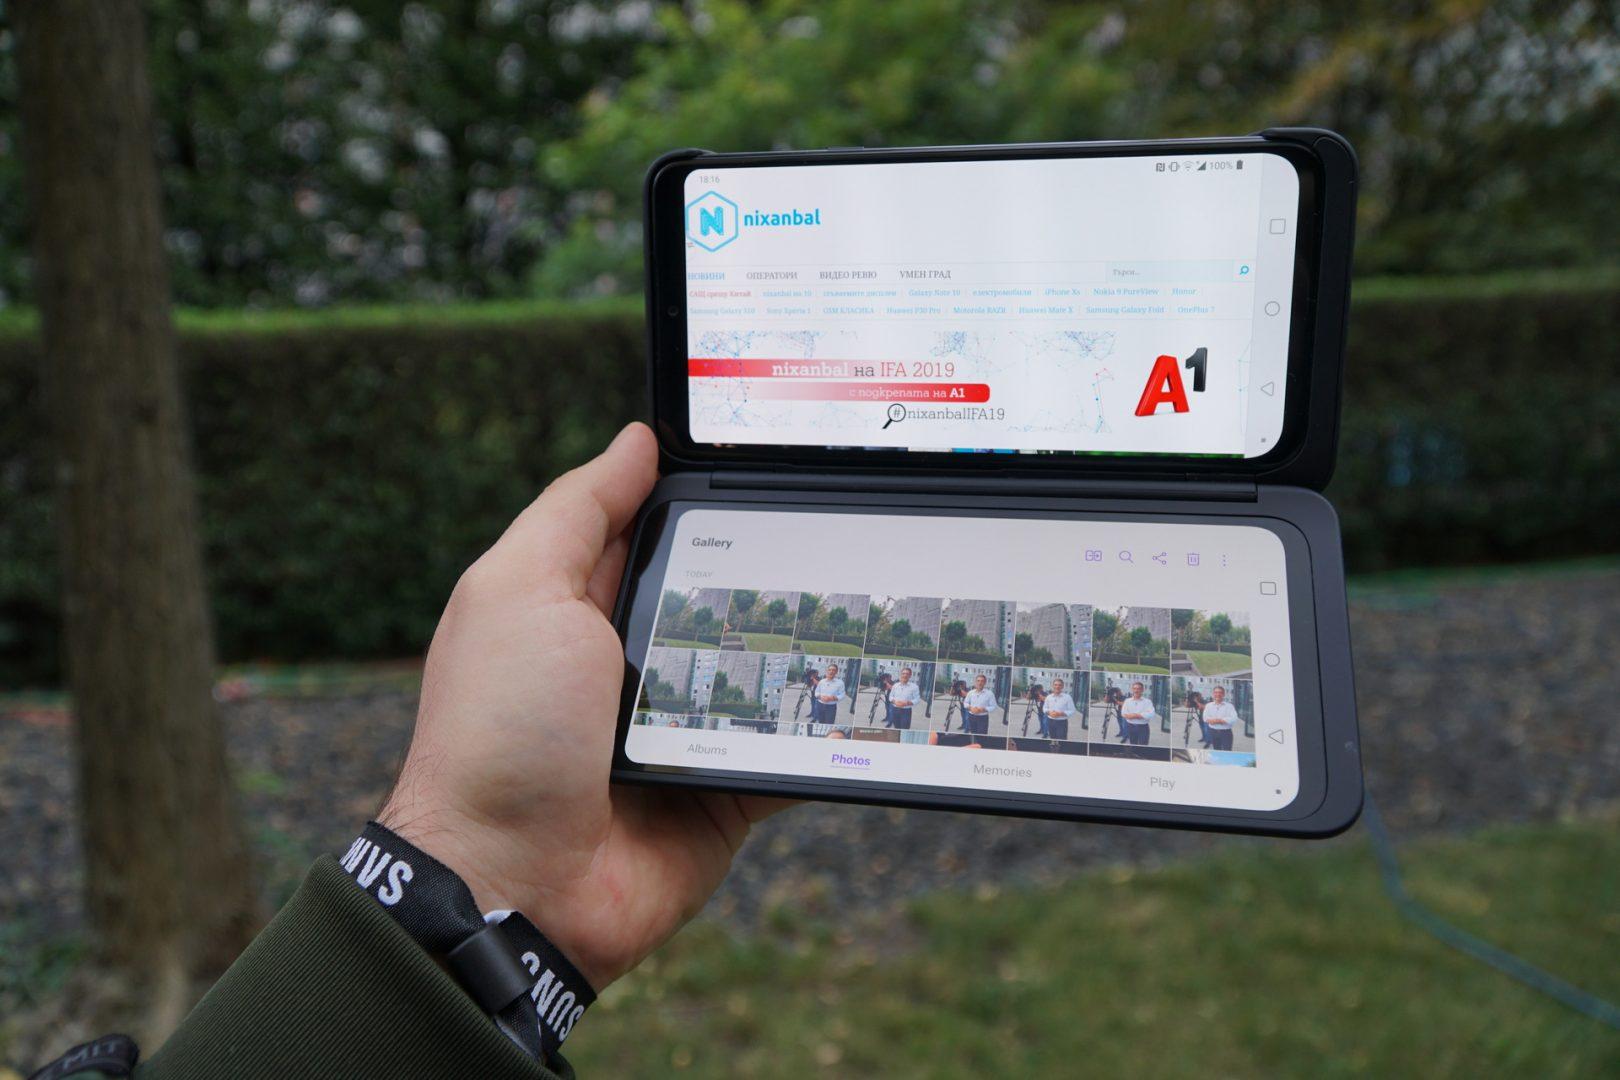 Най-голямото изложение за потребителска електроника в Европа Най-интересните смартфони от IFA 2019 А1 Блог